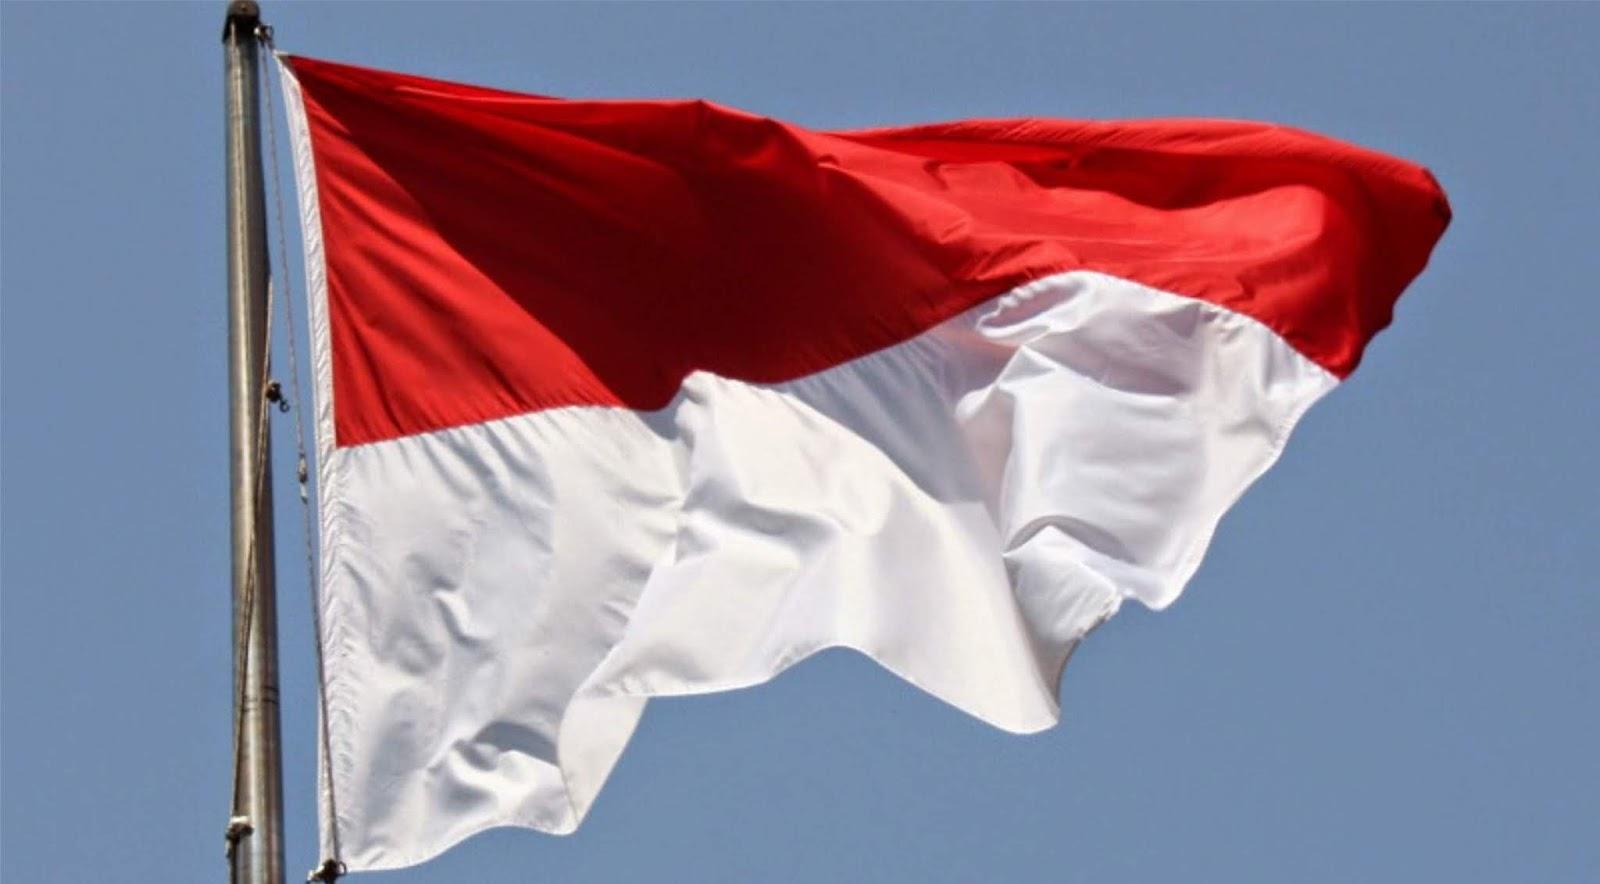 Sikap Dubes Timteng untuk Australia dan Menlu Indonesia tentang pernyataan pemindahan keduataan ke Yerusalem